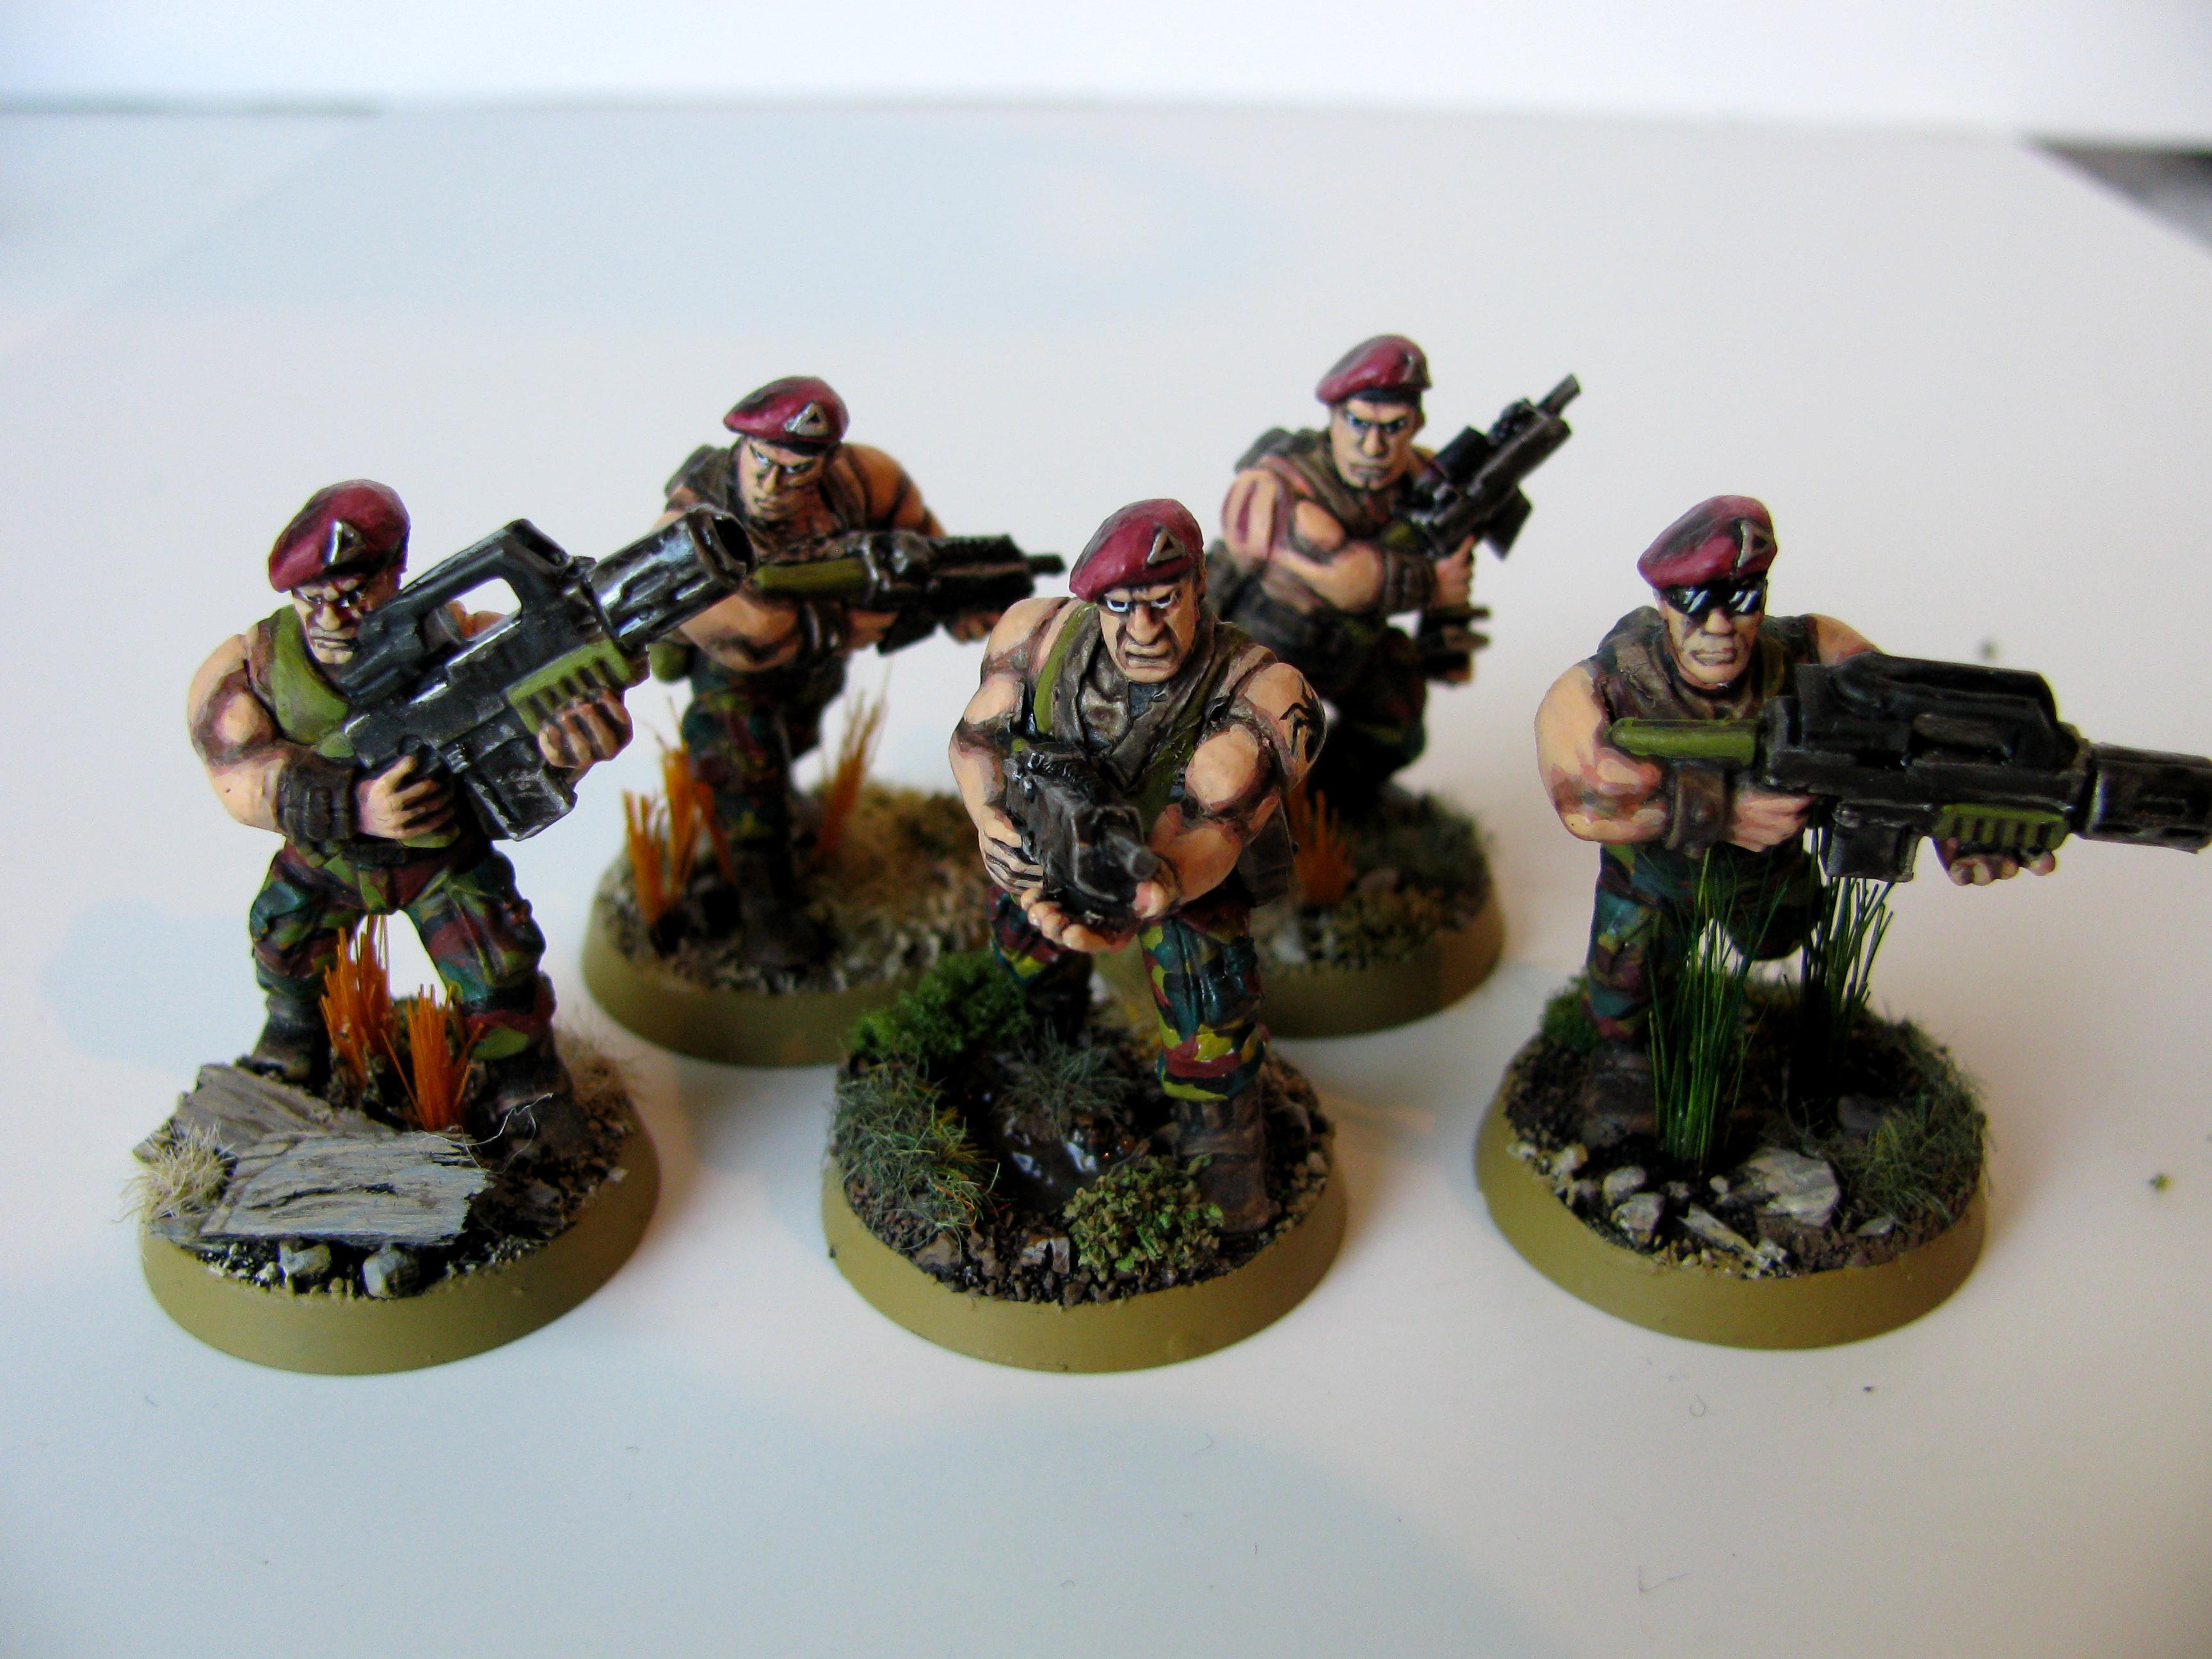 3rd, Belgium, Camouflage, Catachan Jungle Fighters, Catachans, Conversion, Darkon, Imperial Guard, Meltagun, Squad, Veteran, Warhammer 40,000, Work In Progress